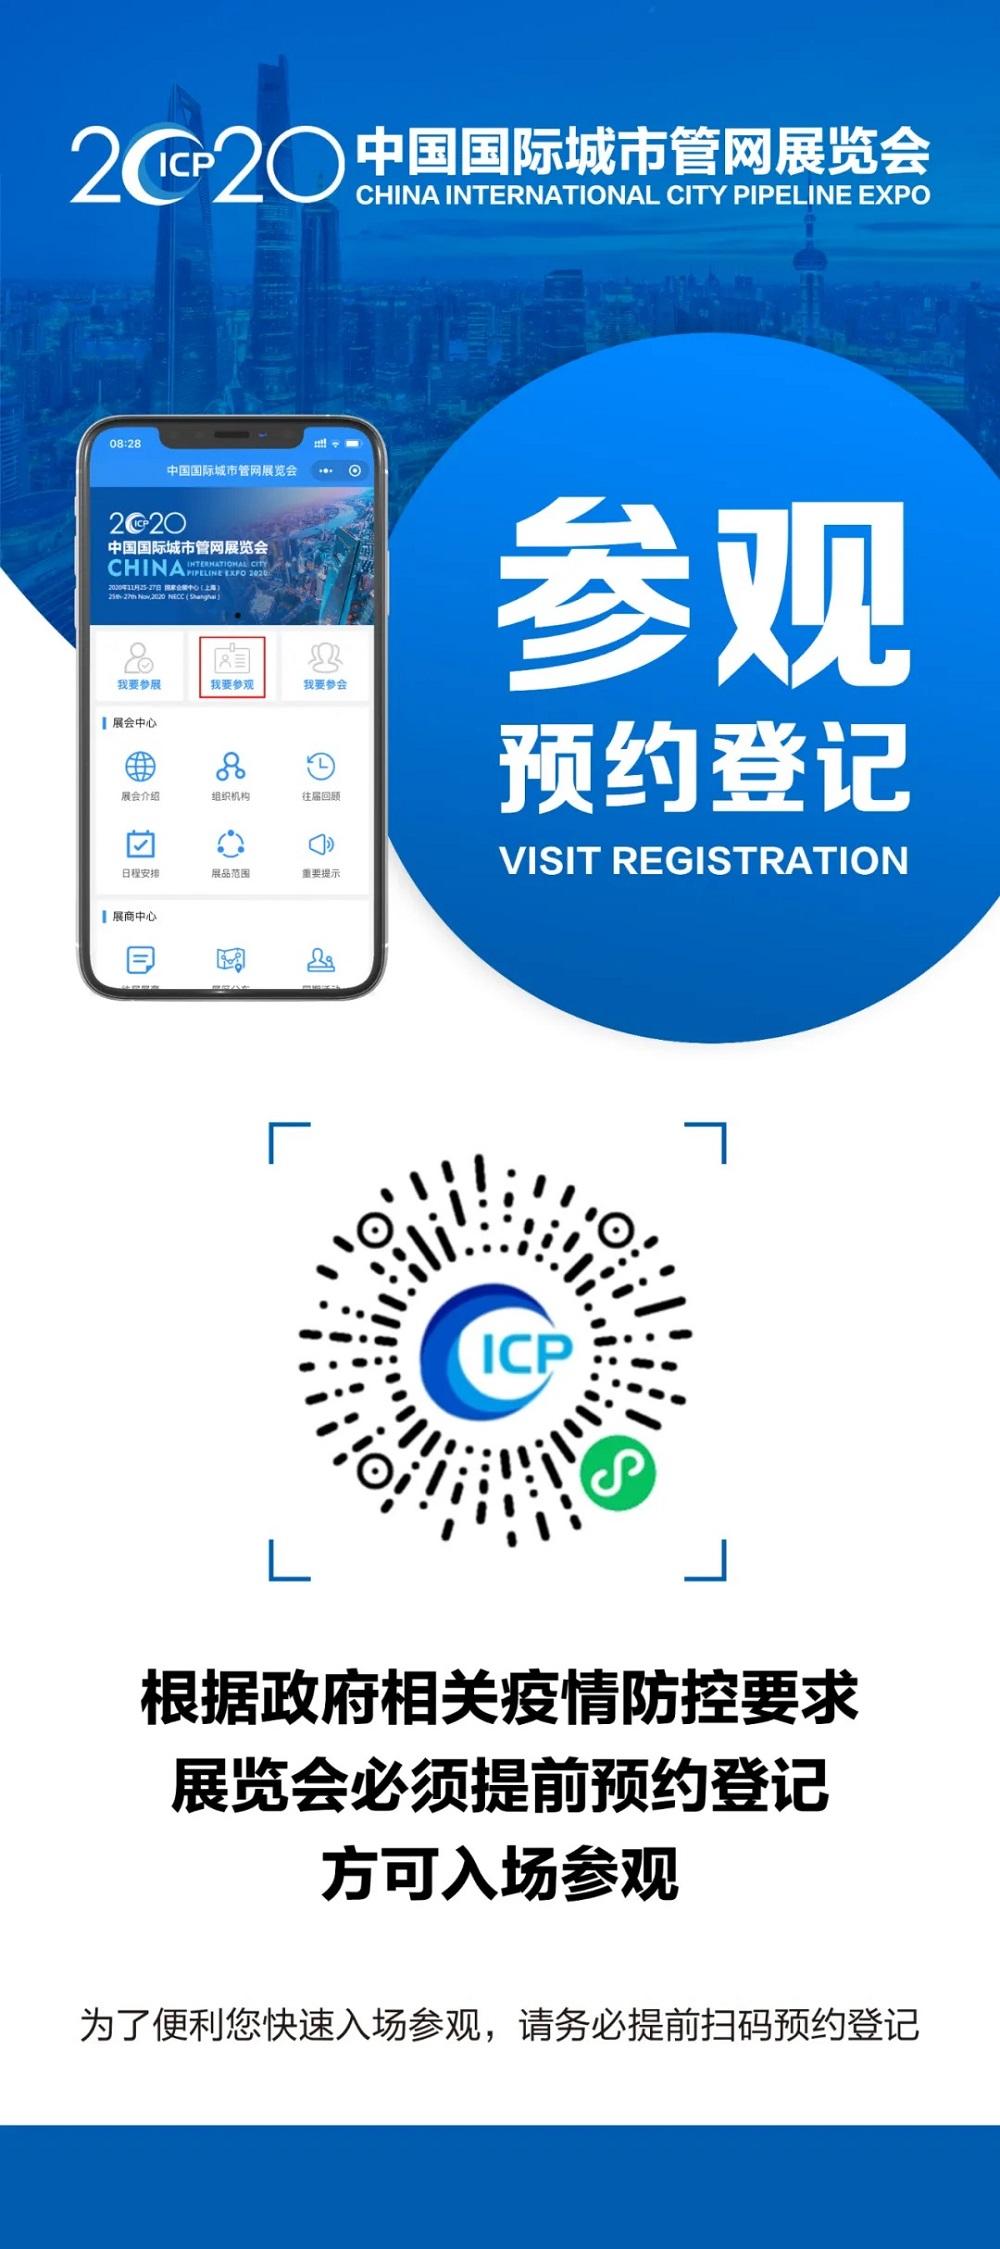 【展会邀请】中国最大城市管网展览会,我们在上海与你相约!